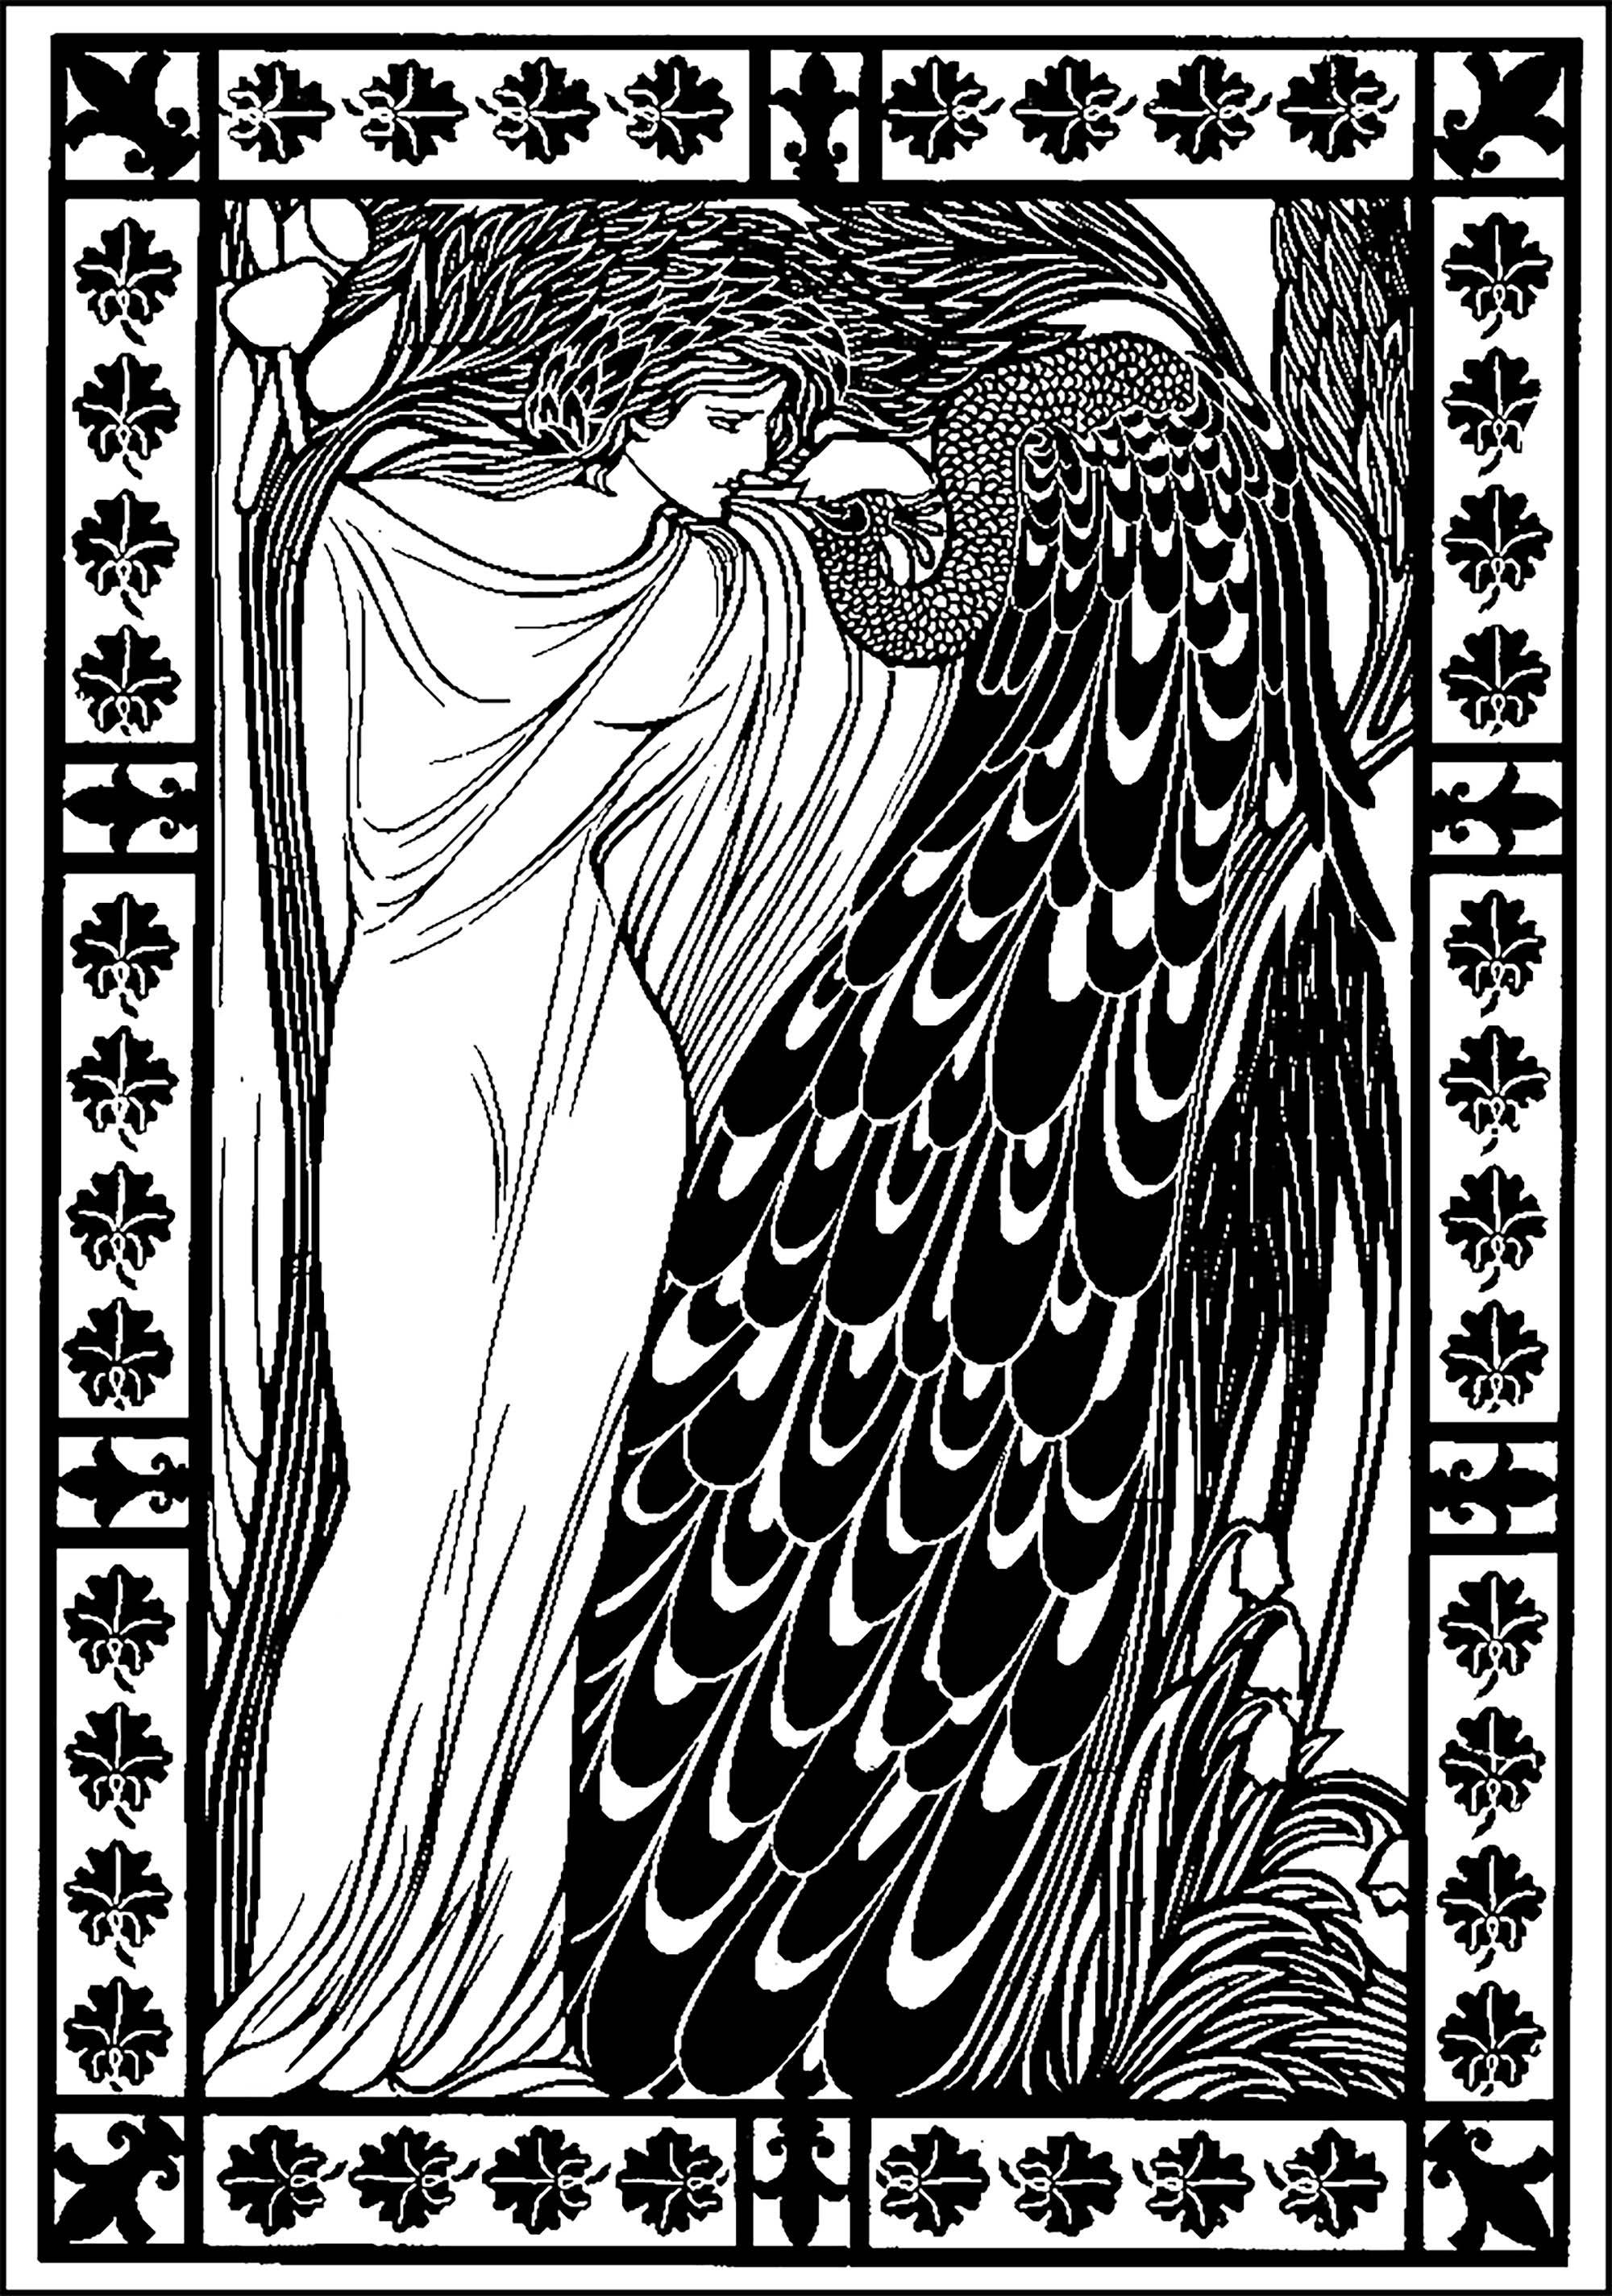 Disegni da colorare per adulti : Art nouveau - 2